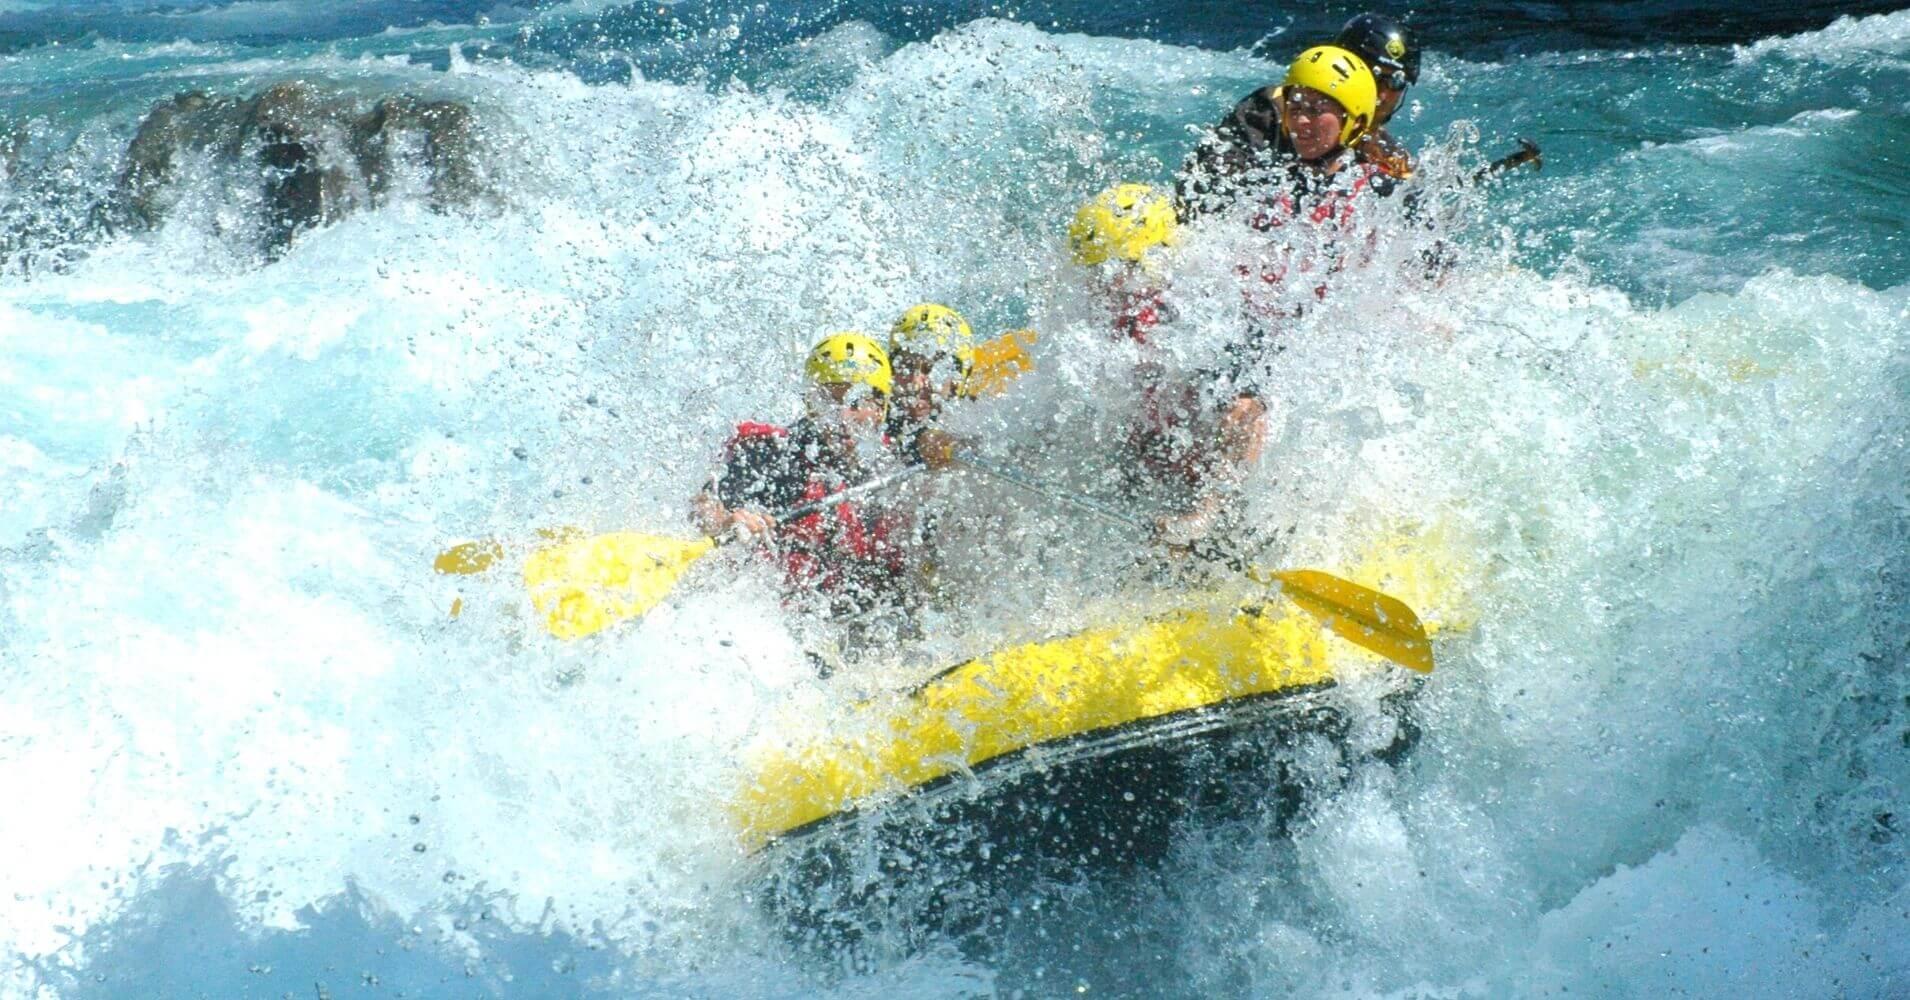 Empresas de Aventura en España. Primer Rápido del Rafting del Río Ara. Torla. Huesca.